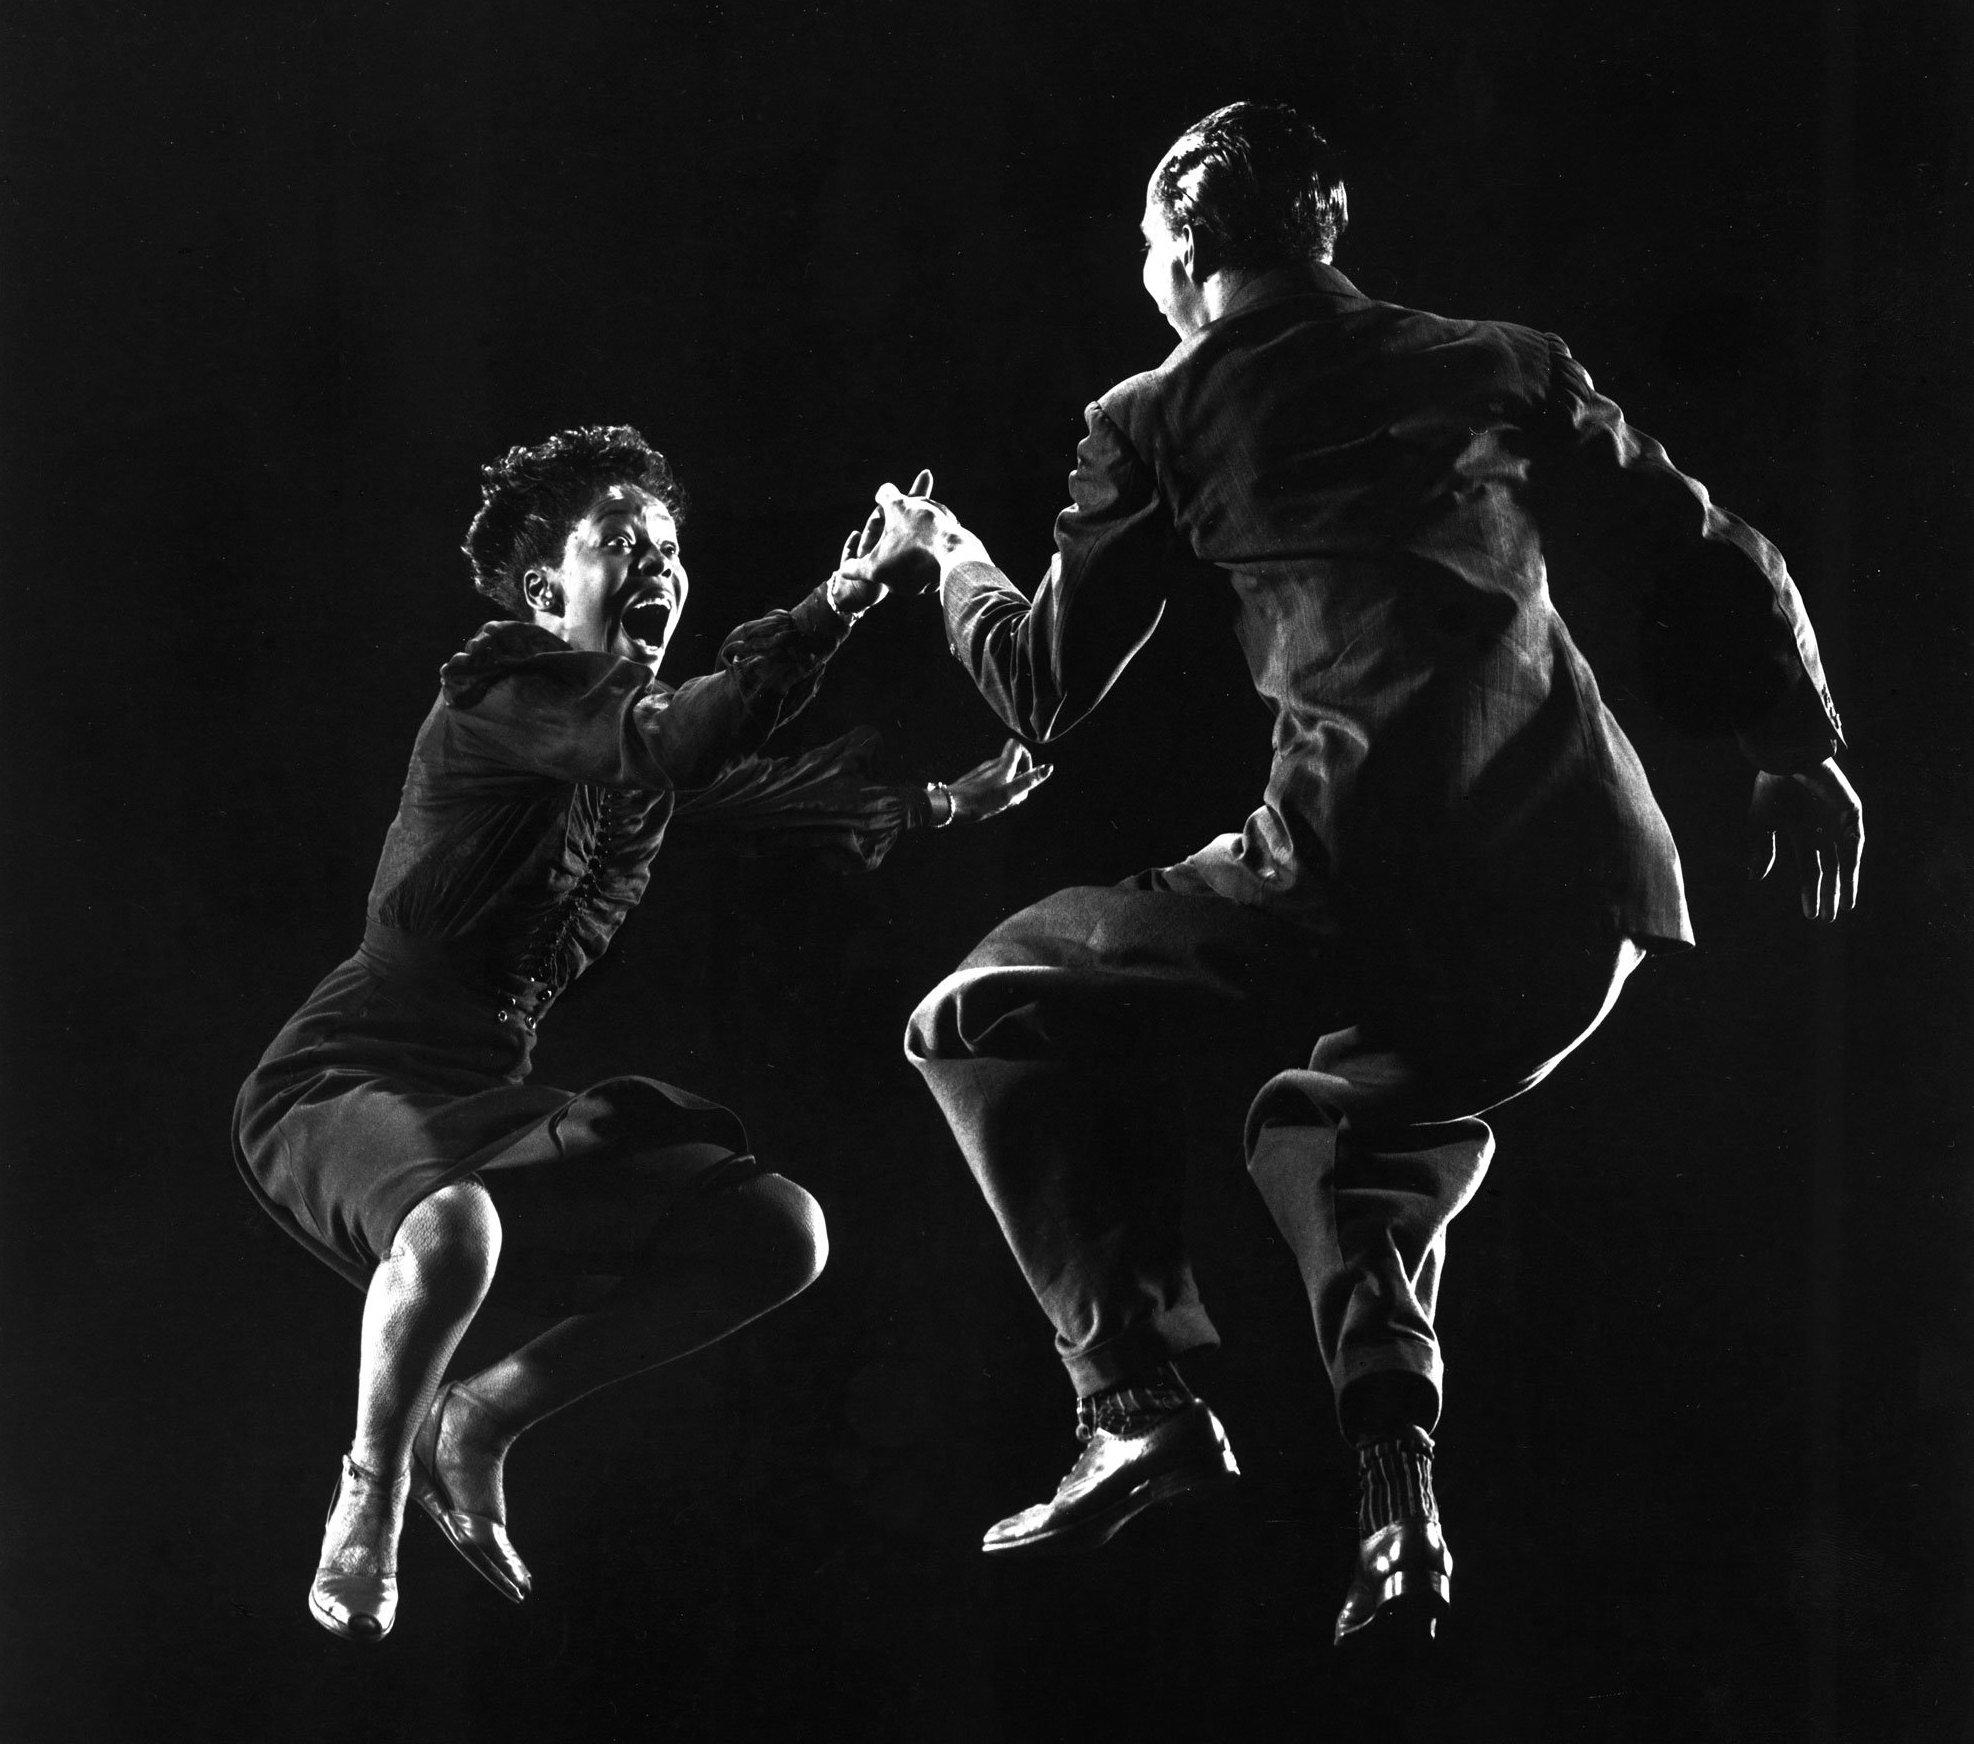 Willa Mae Ricker and Leon James